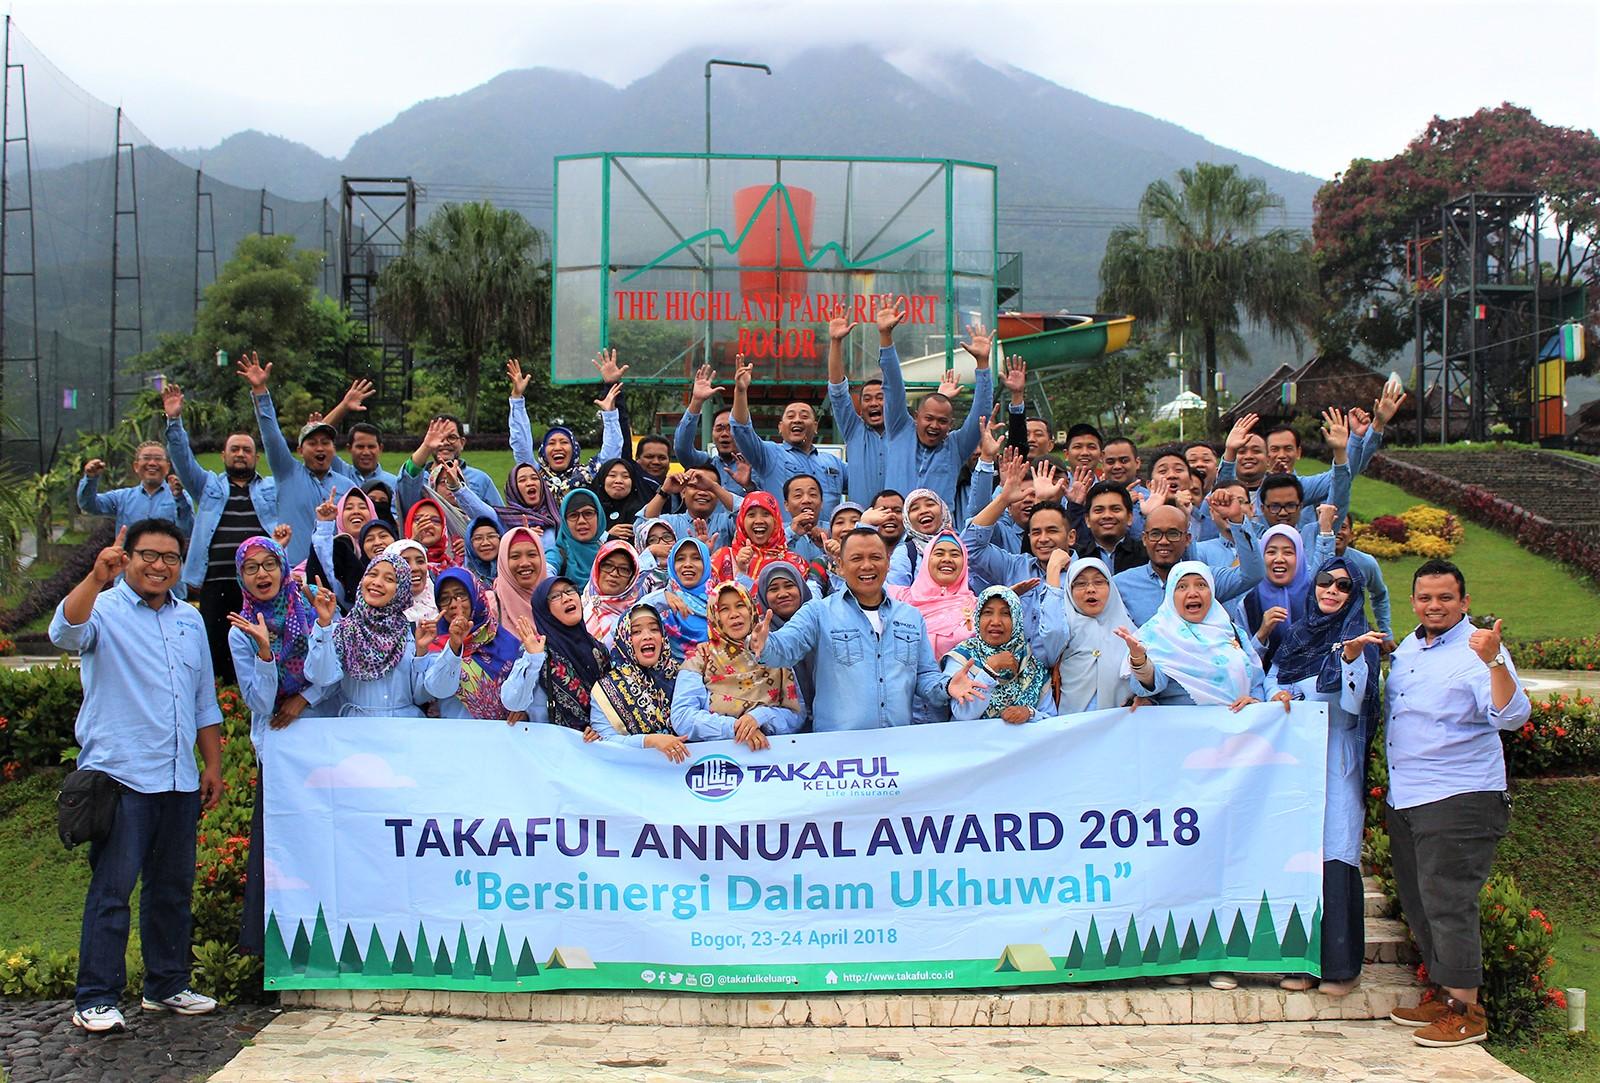 Takaful Annual Award 2018